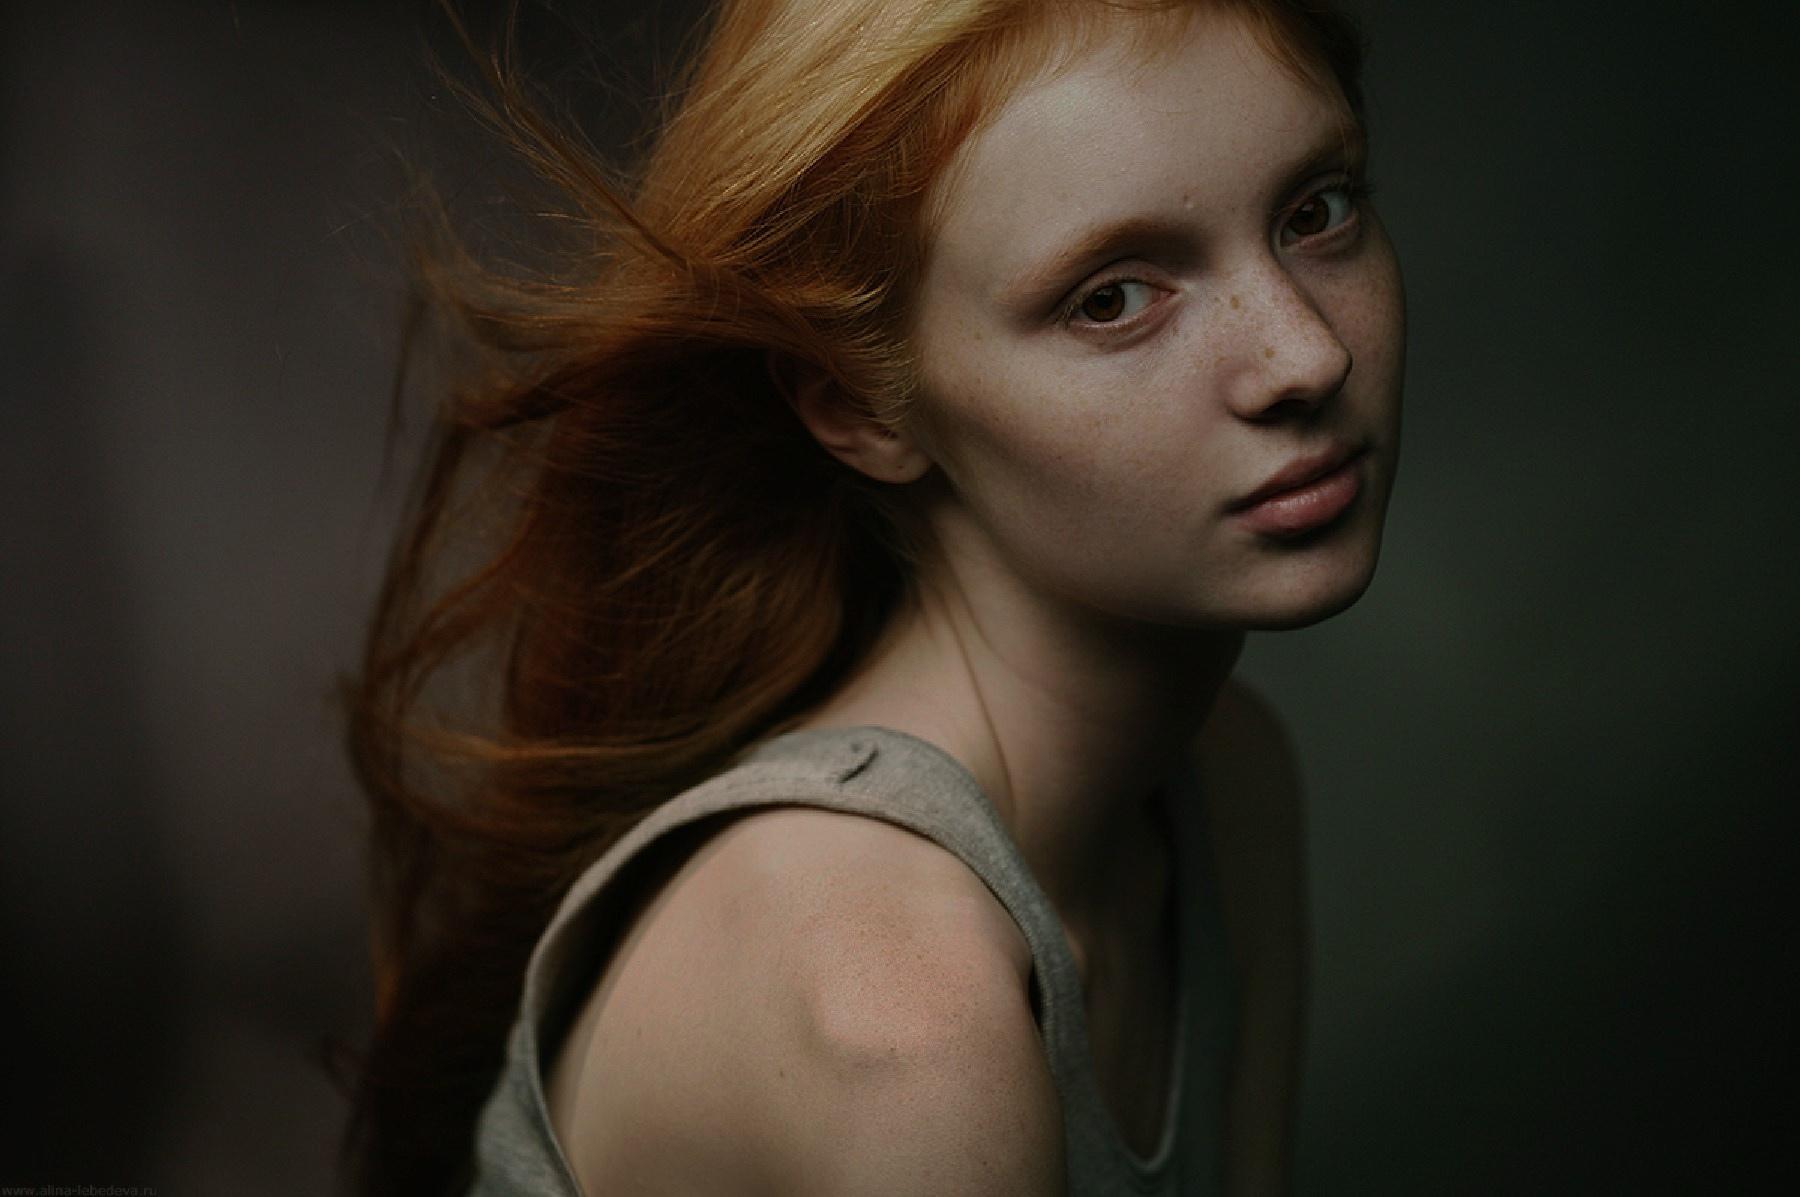 Девушка дмитрия борисова фото